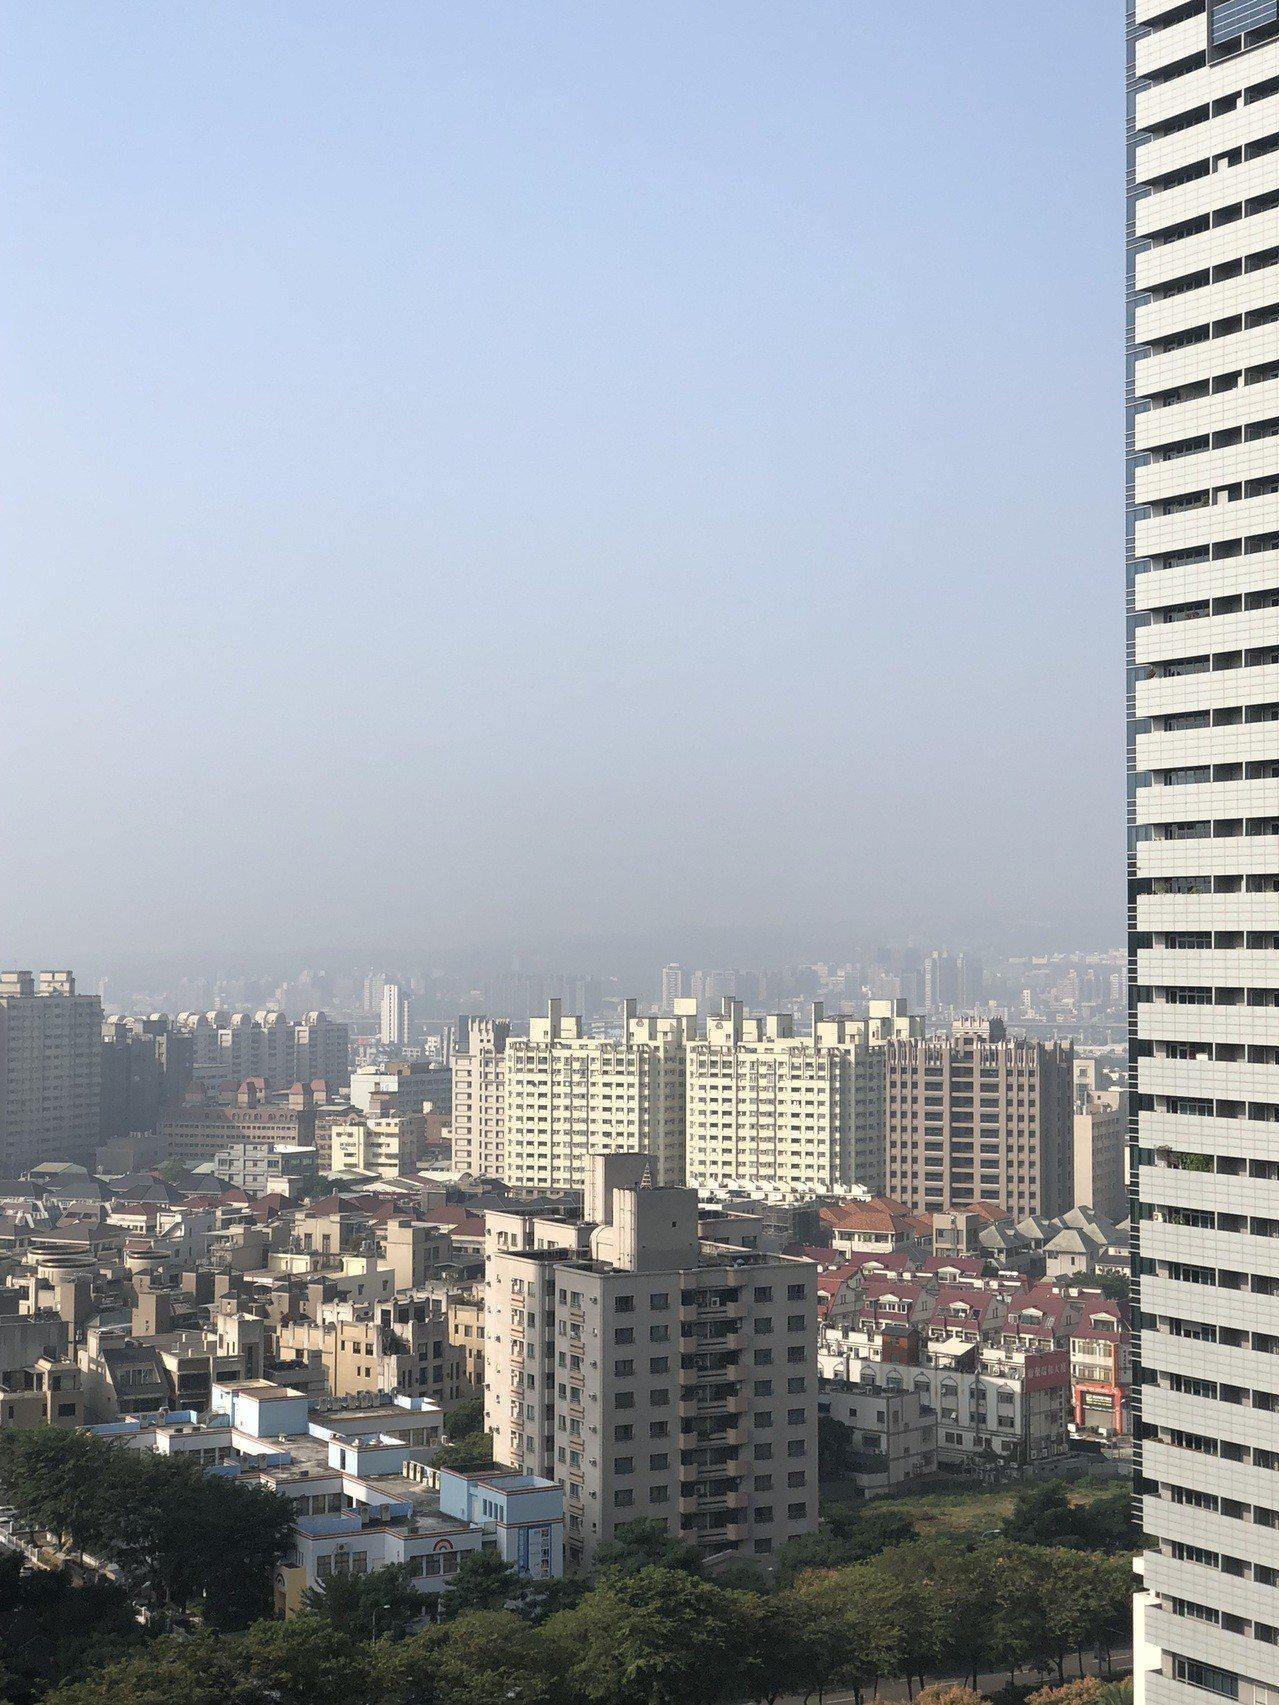 台中市一早空氣品質不佳,一名醫師把天空照貼進LINE群組裡提醒大家注意。圖/取自...